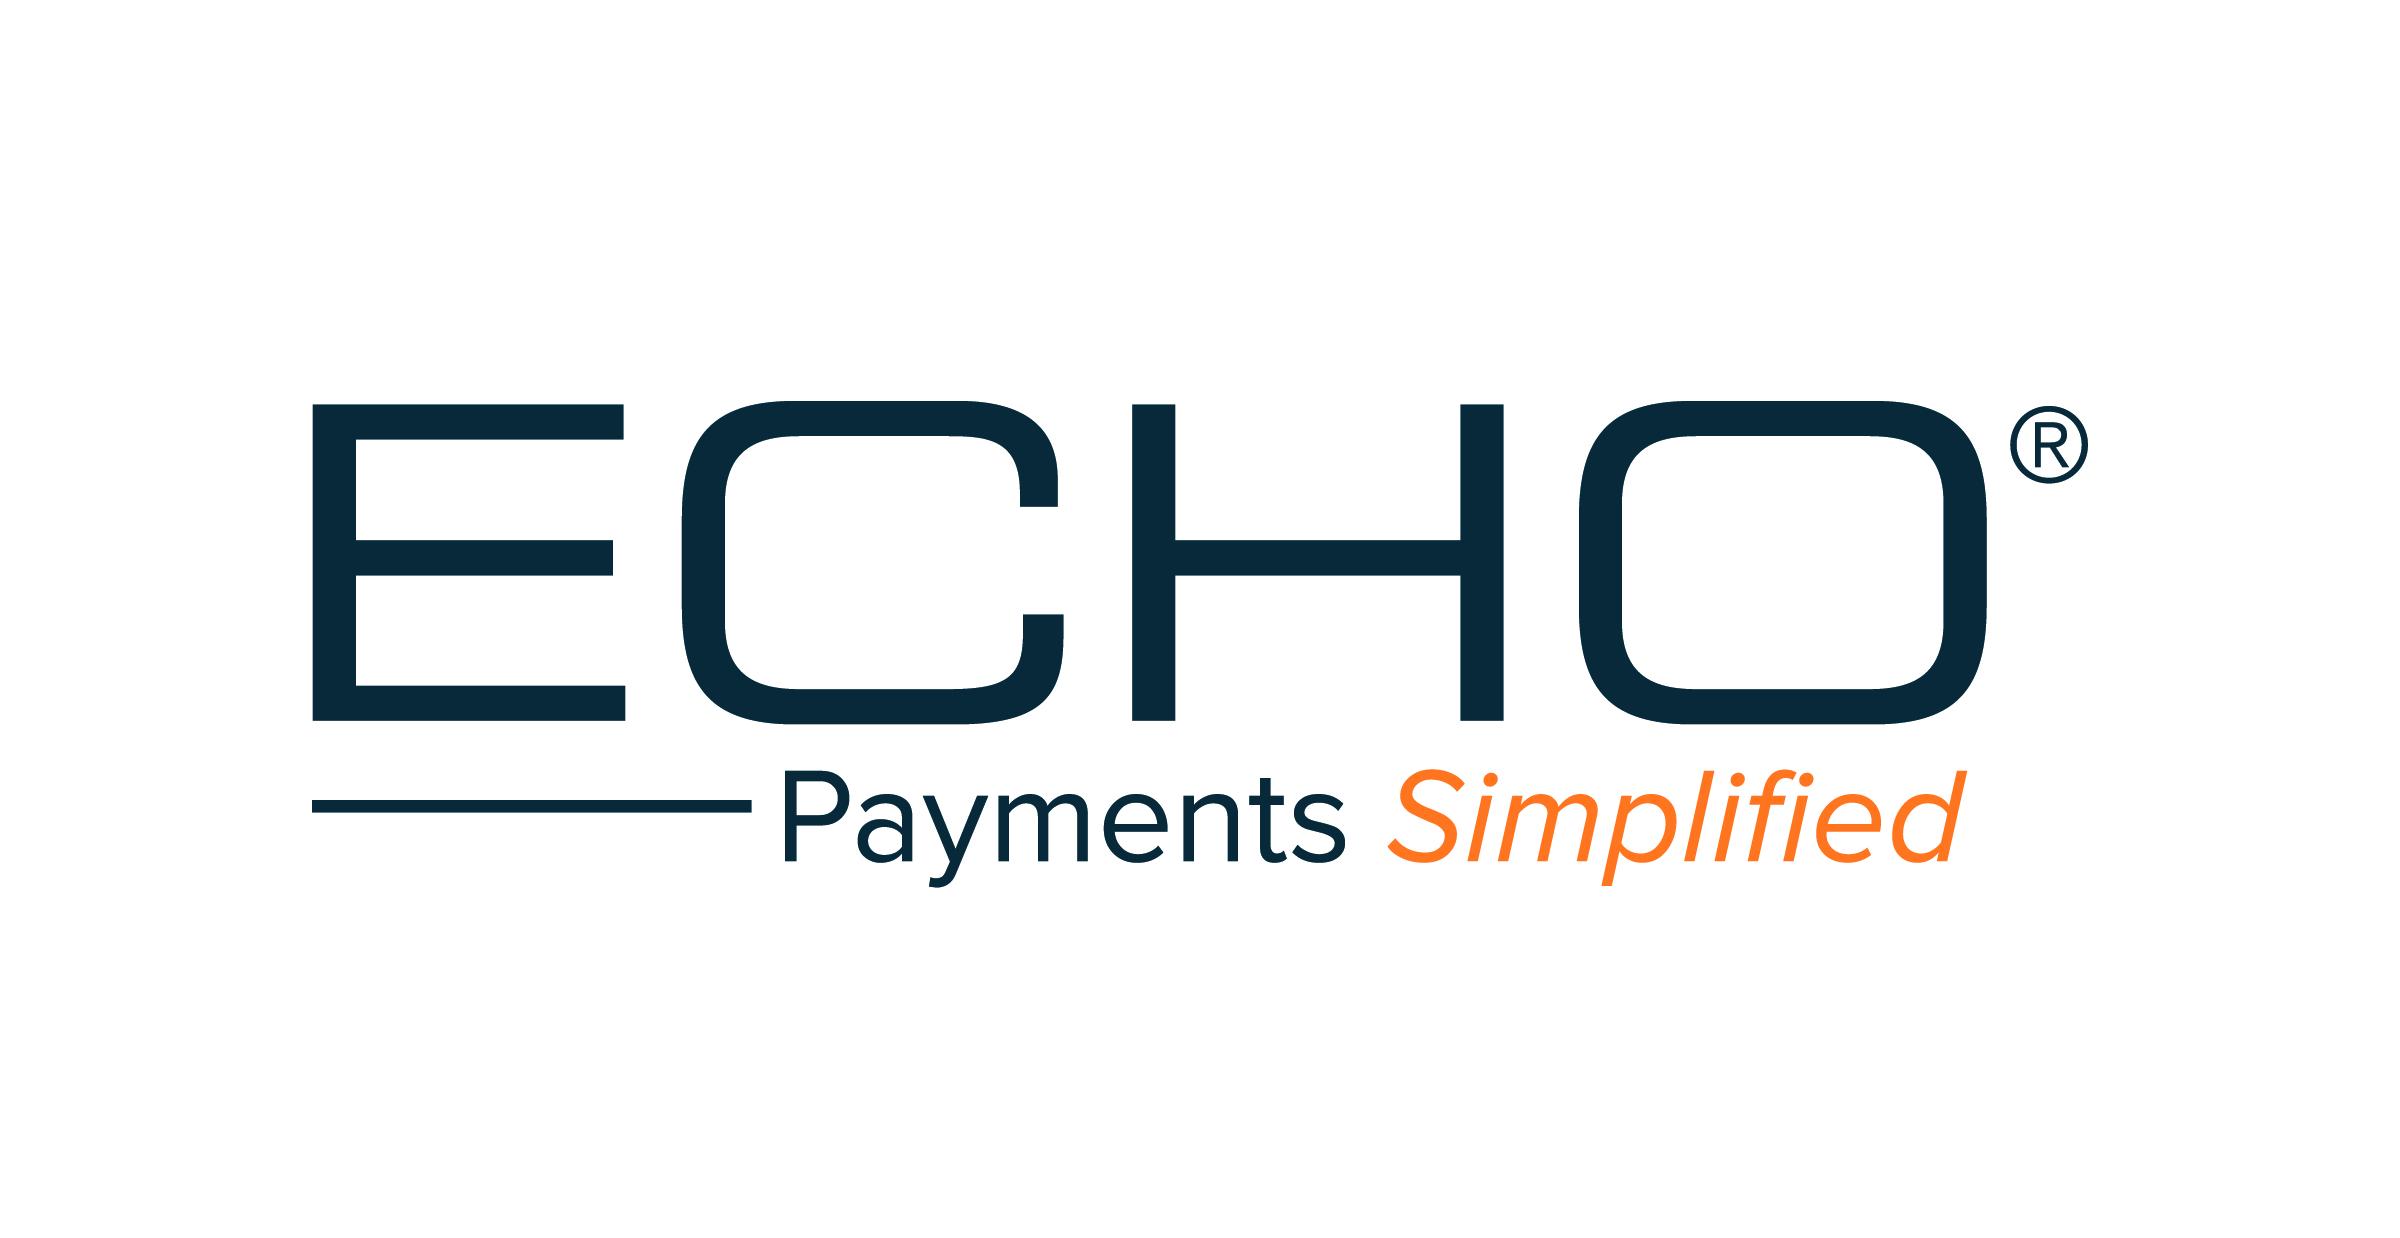 Echo Payment Platform